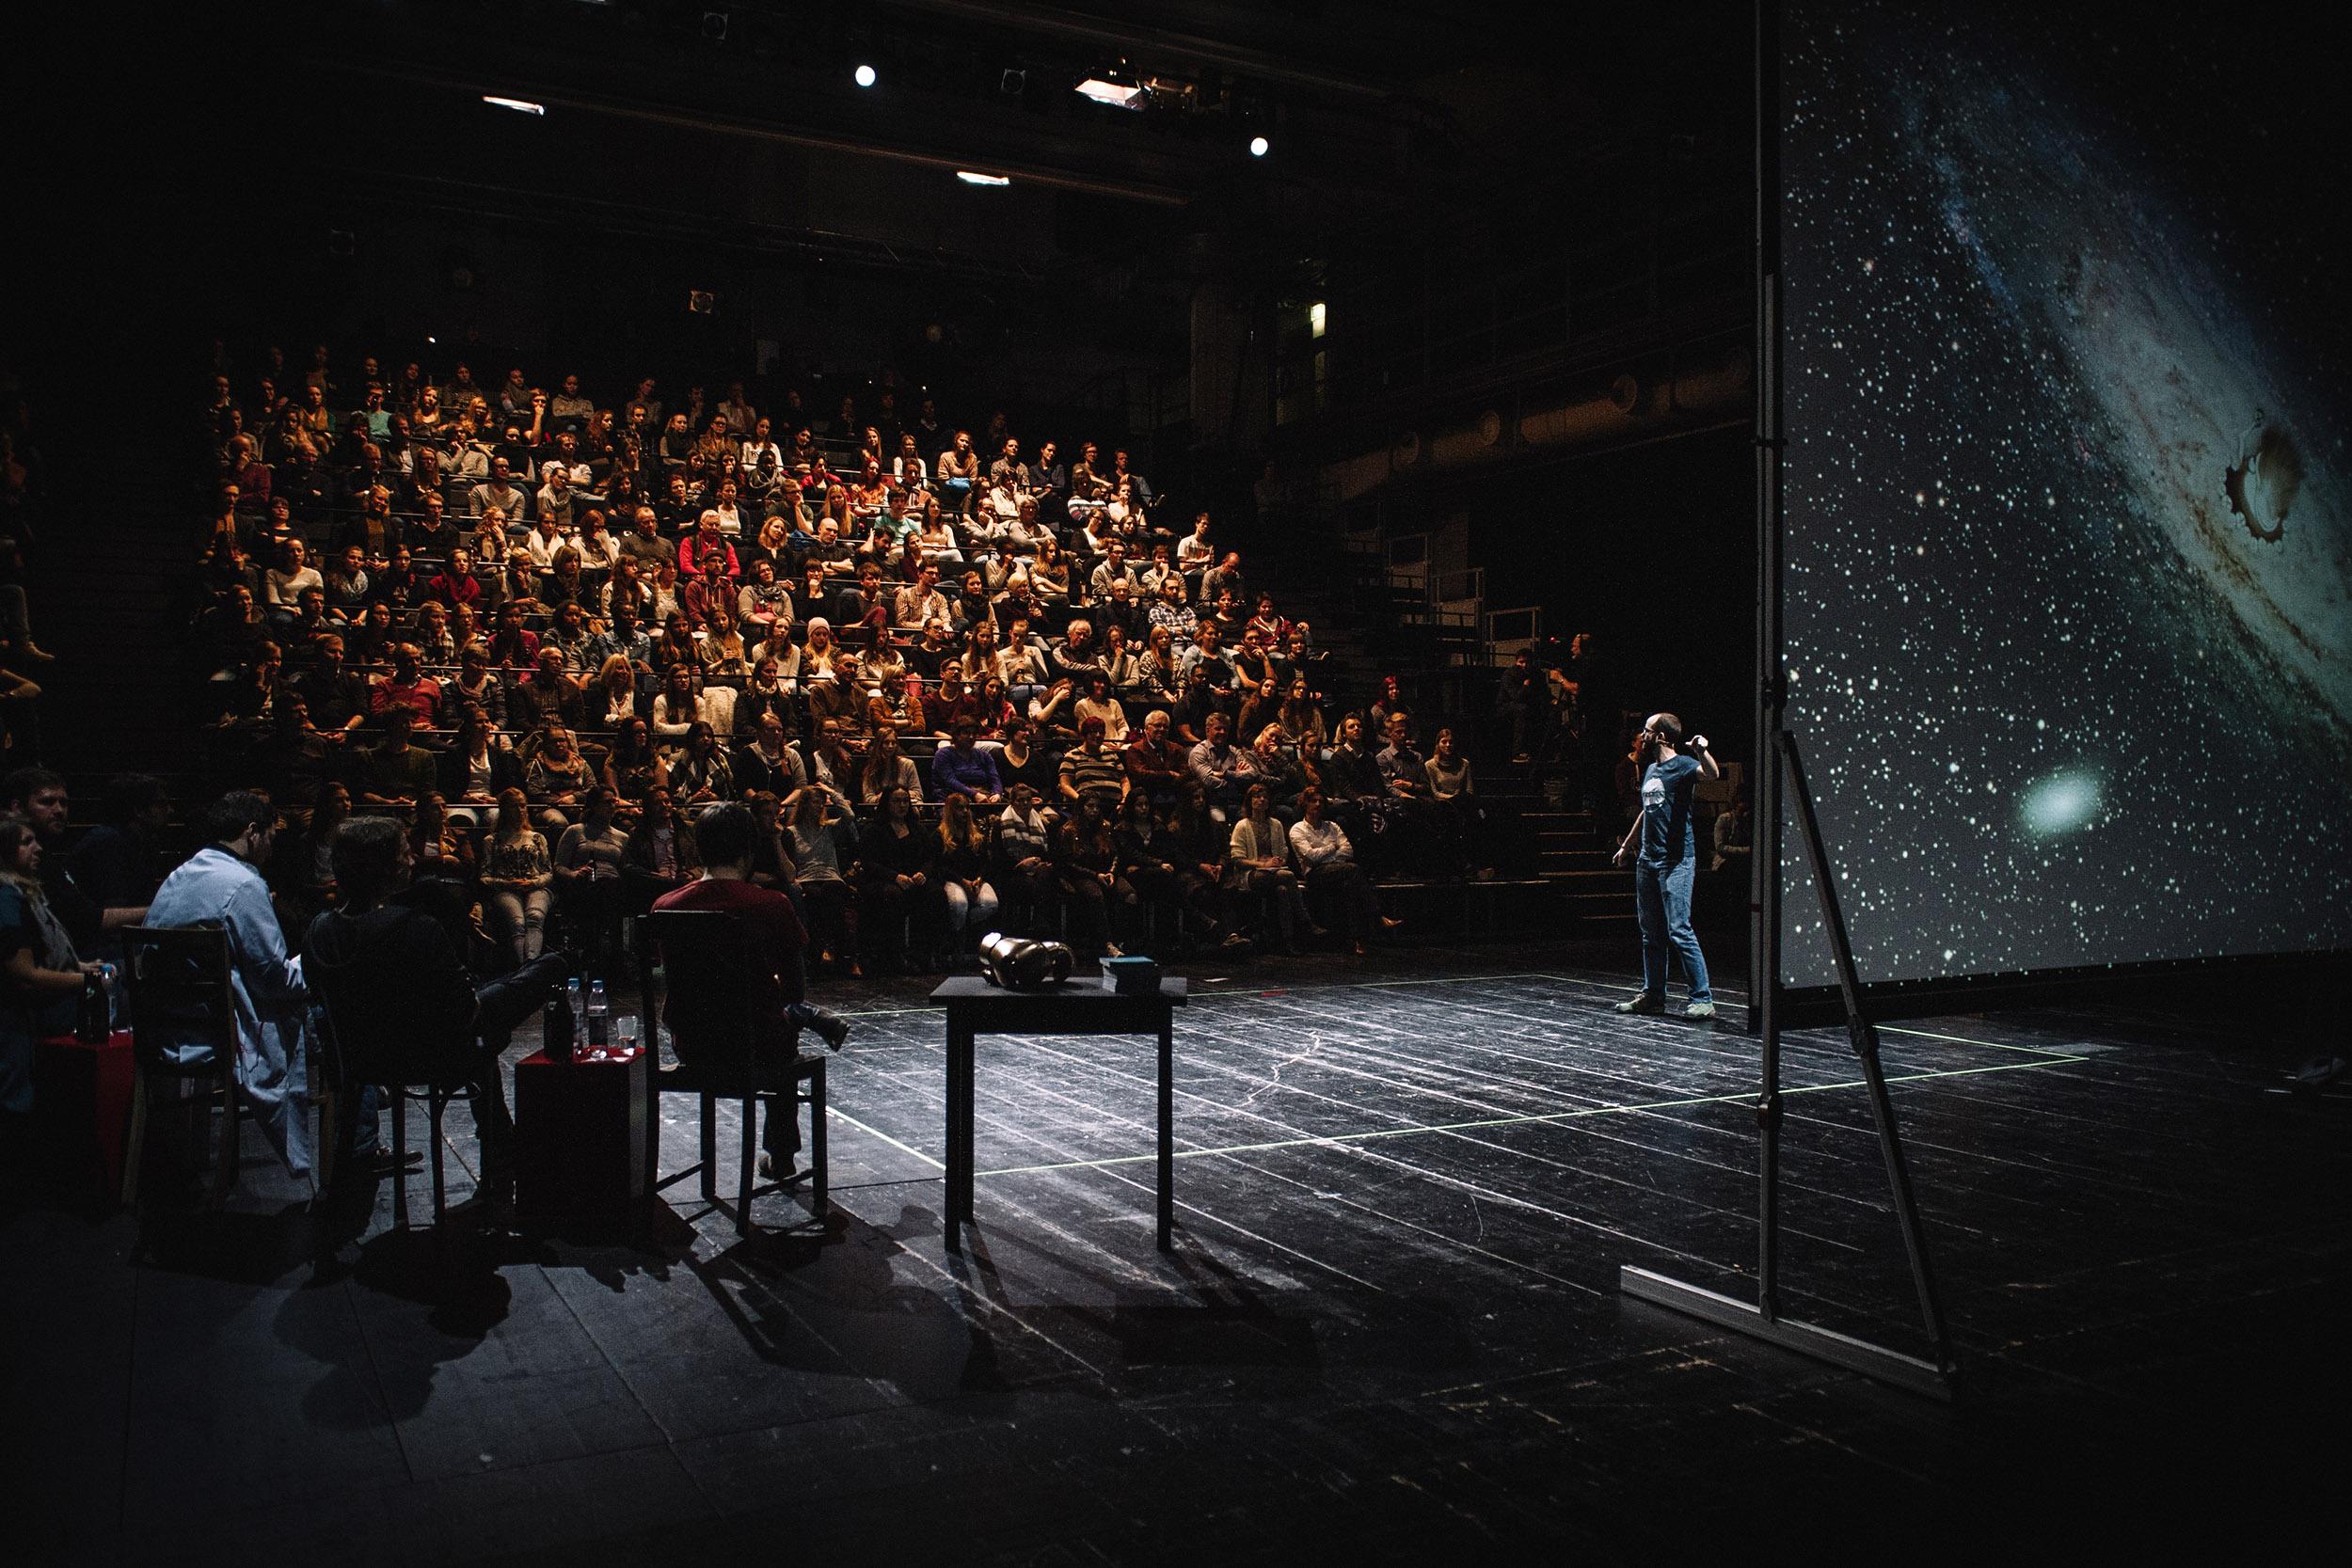 Wissenschaftler präsentieren sich dem Publikum auf der Bühne beim Science Slam